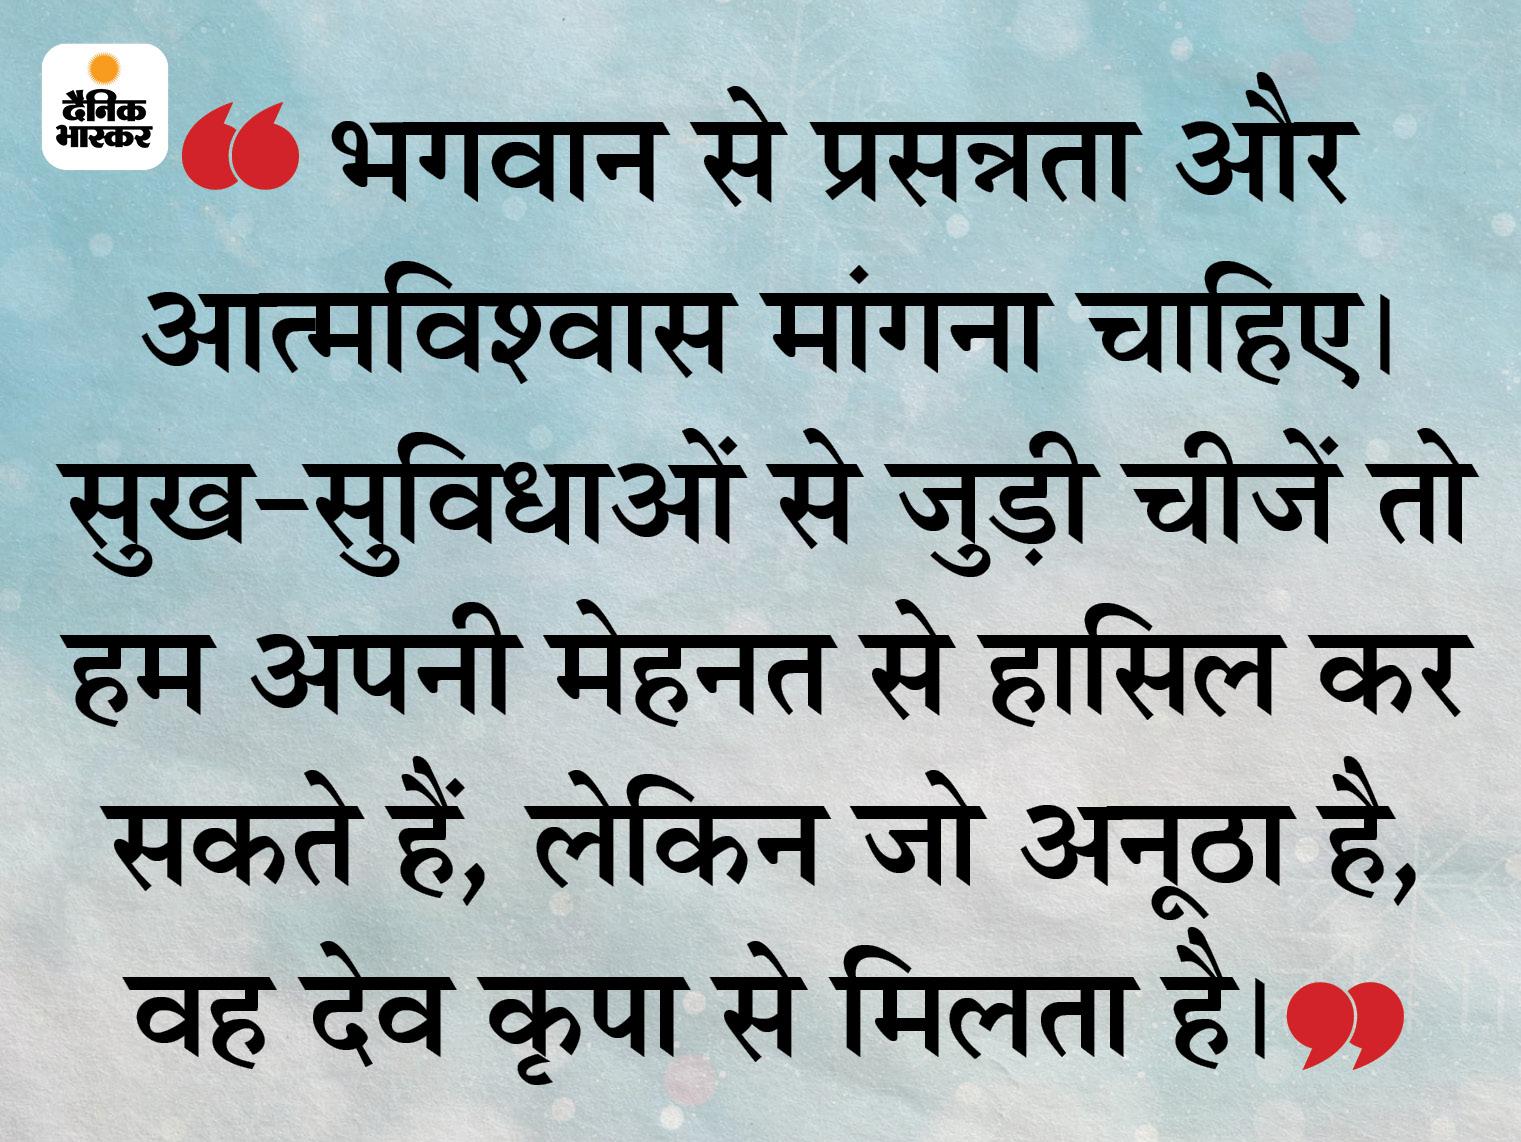 किससे कब क्या मांगना चाहिए, इस बात की समझ होनी चाहिए|धर्म,Dharm - Dainik Bhaskar